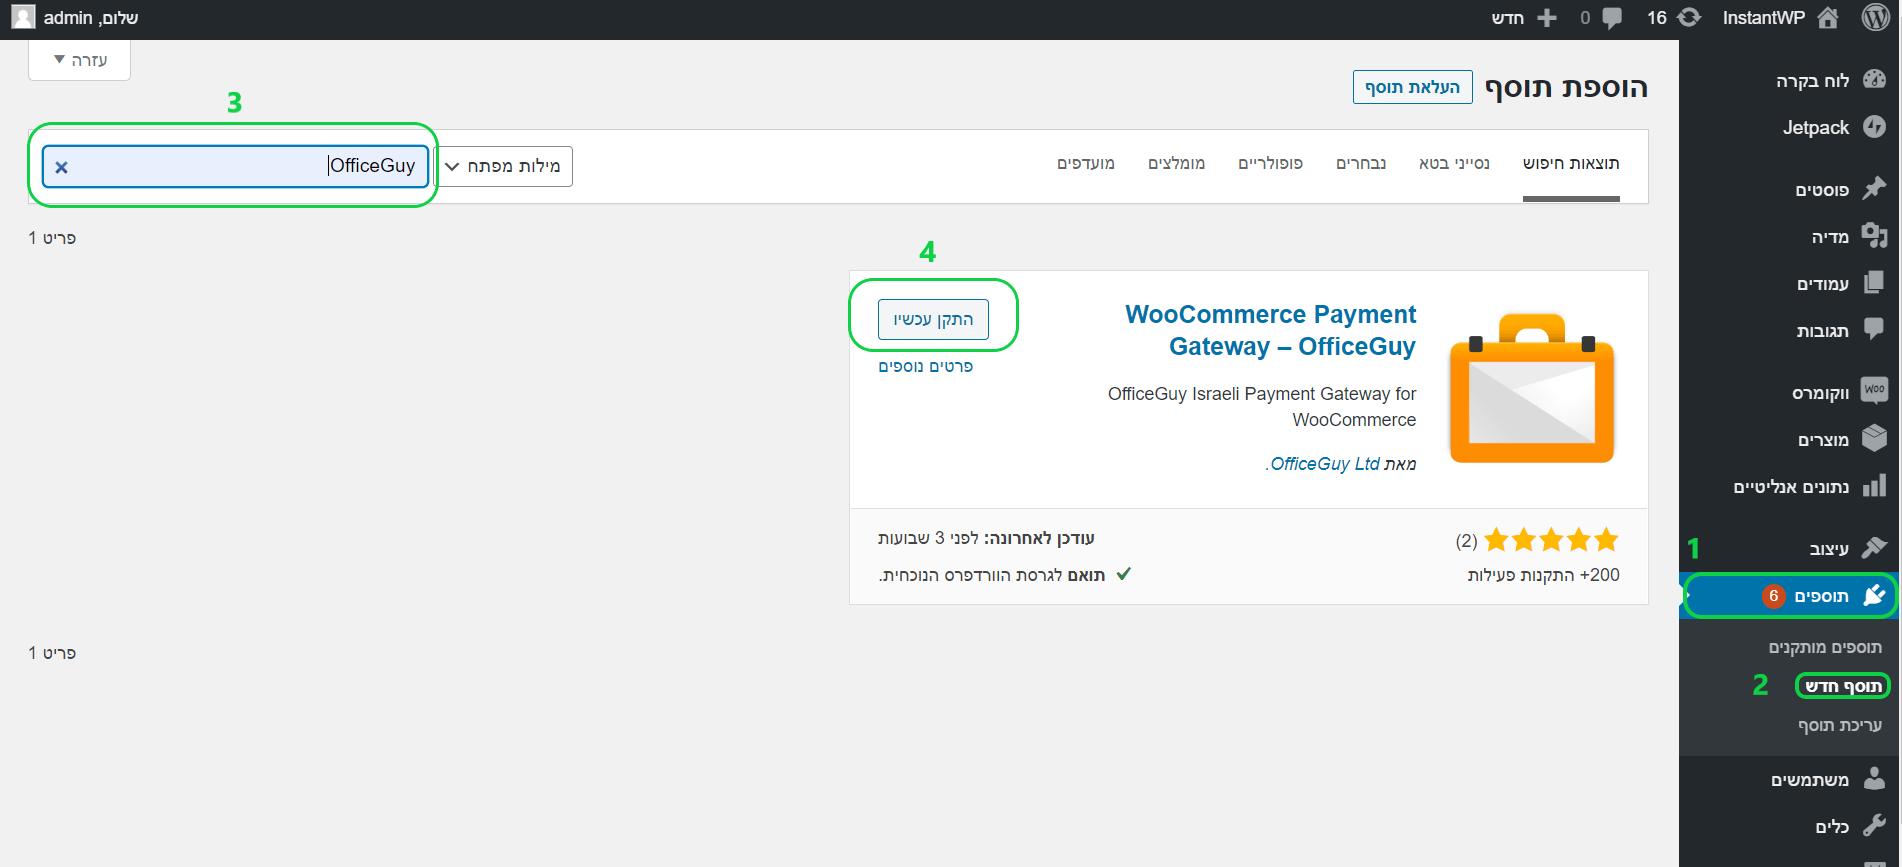 כניסה אל ממשק הניהול בוורדפרס והתקנת תוסף הסליקה של Officeguy